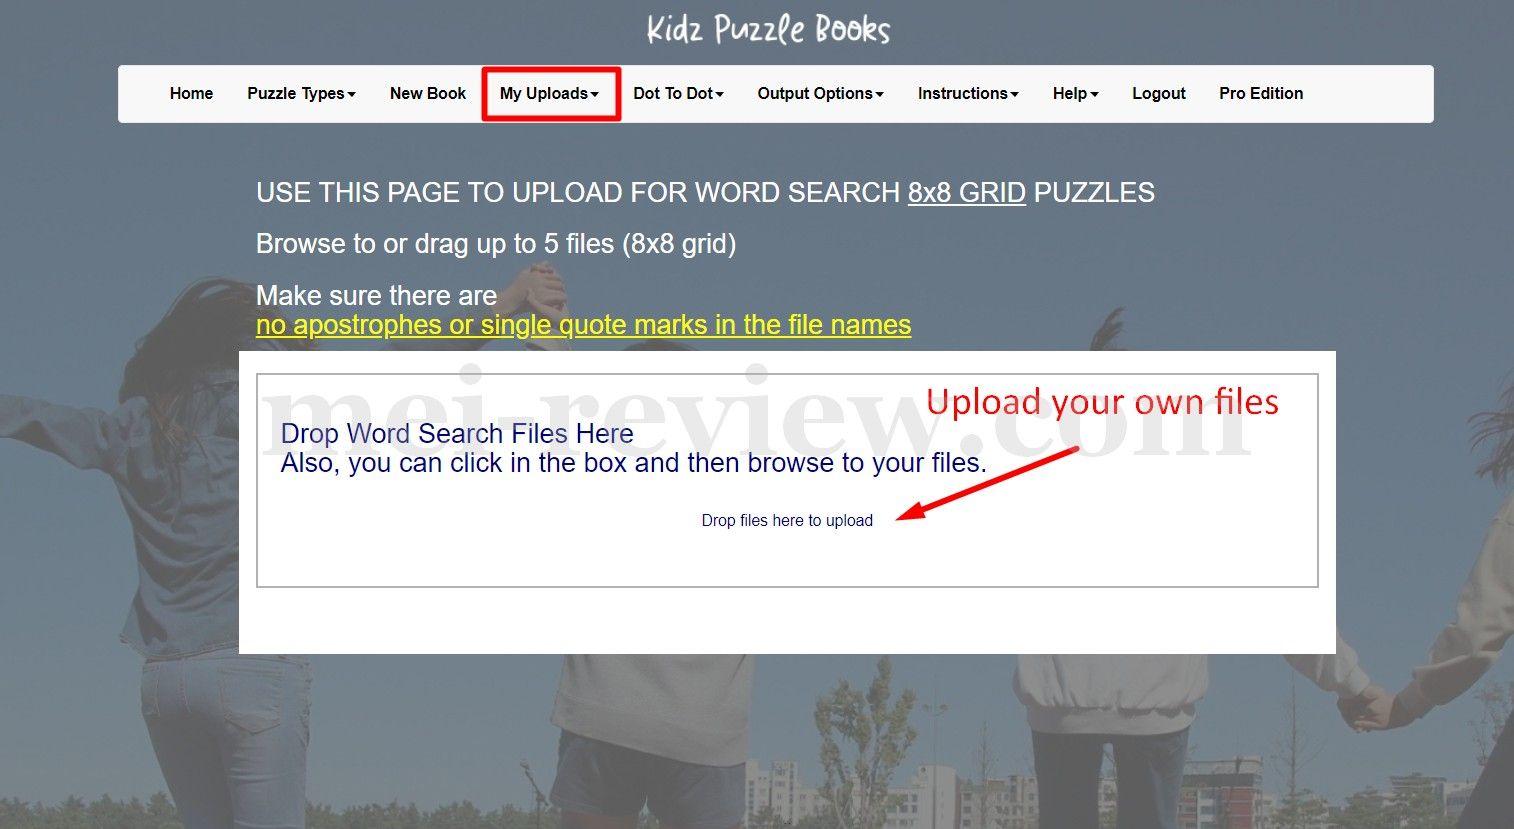 Kidz-Puzzle-Books-uploads